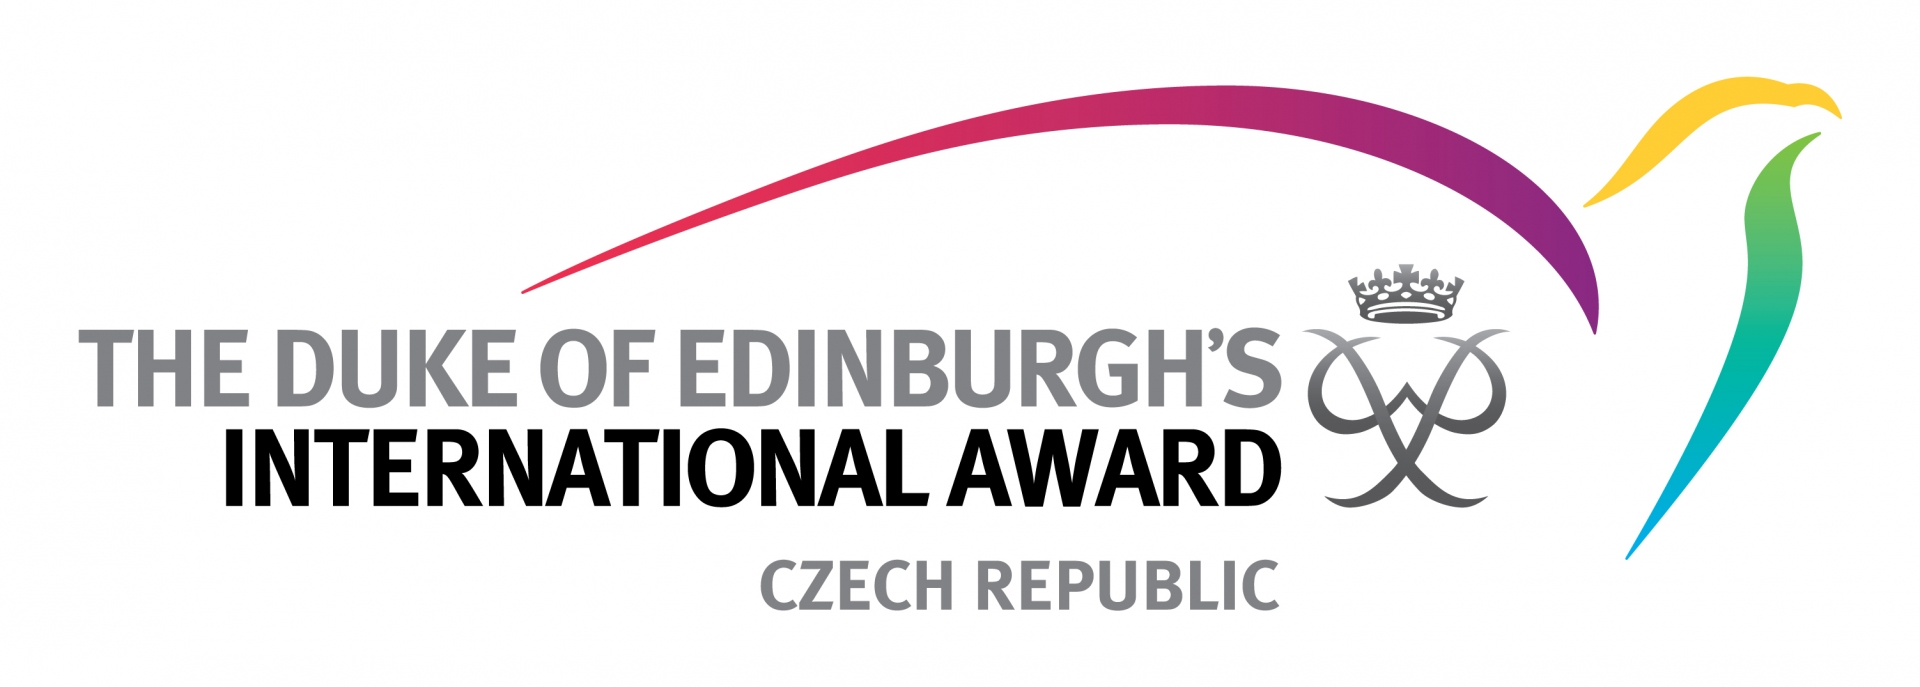 Mezinárodní cena vévody z Edinburghu